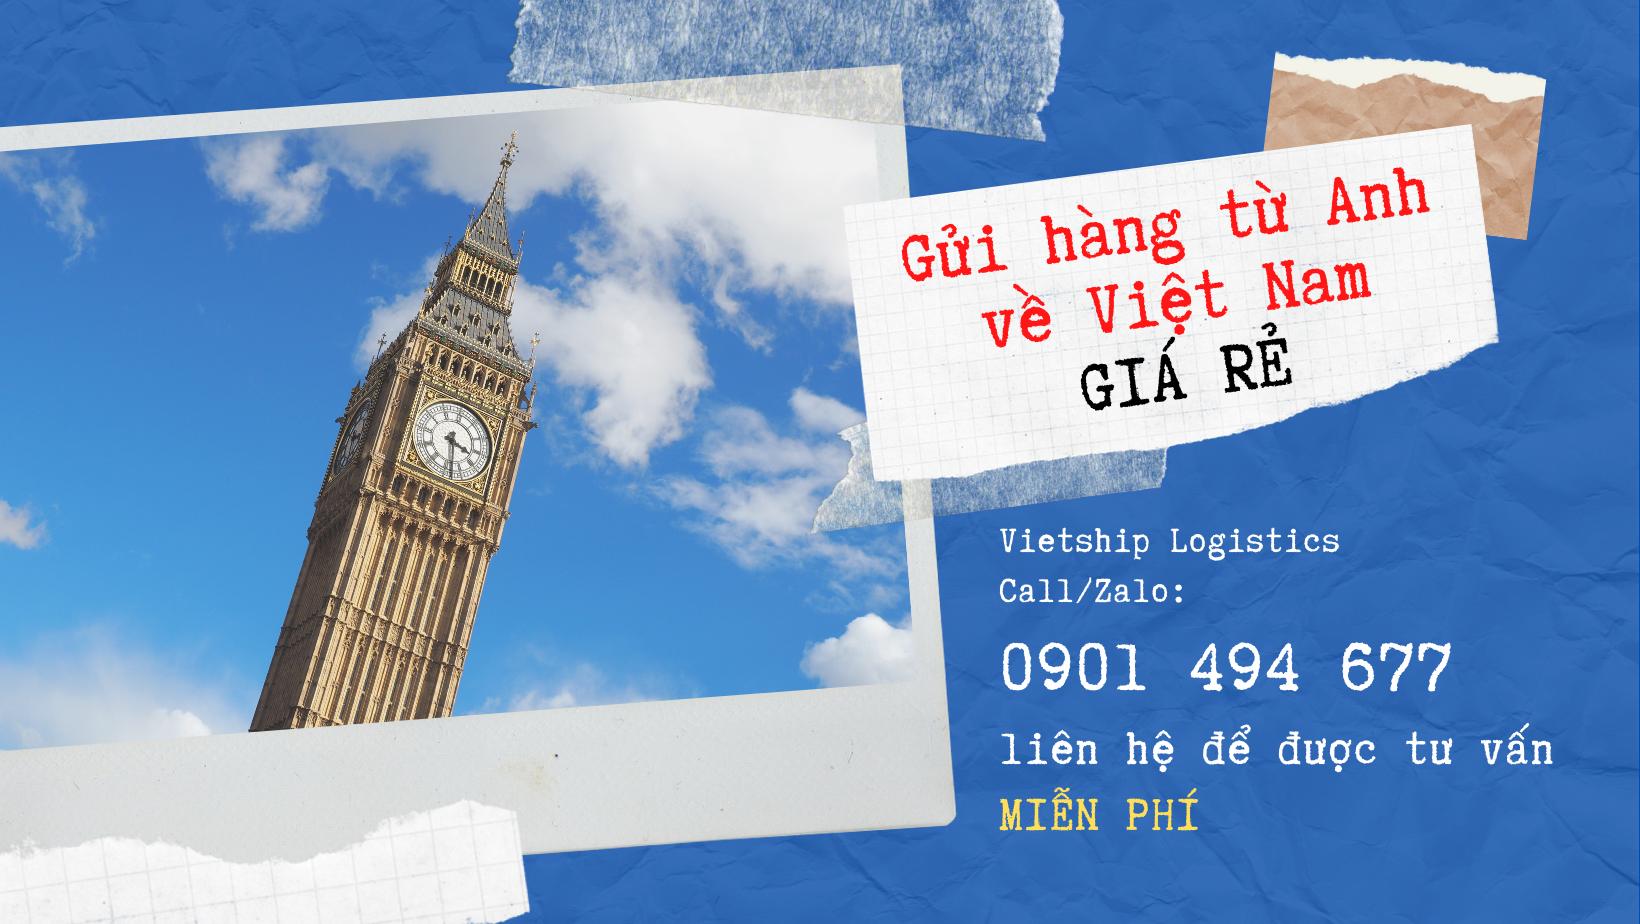 Gửi hàng từ Anh về Việt Nam ở đâu giá rẻ?